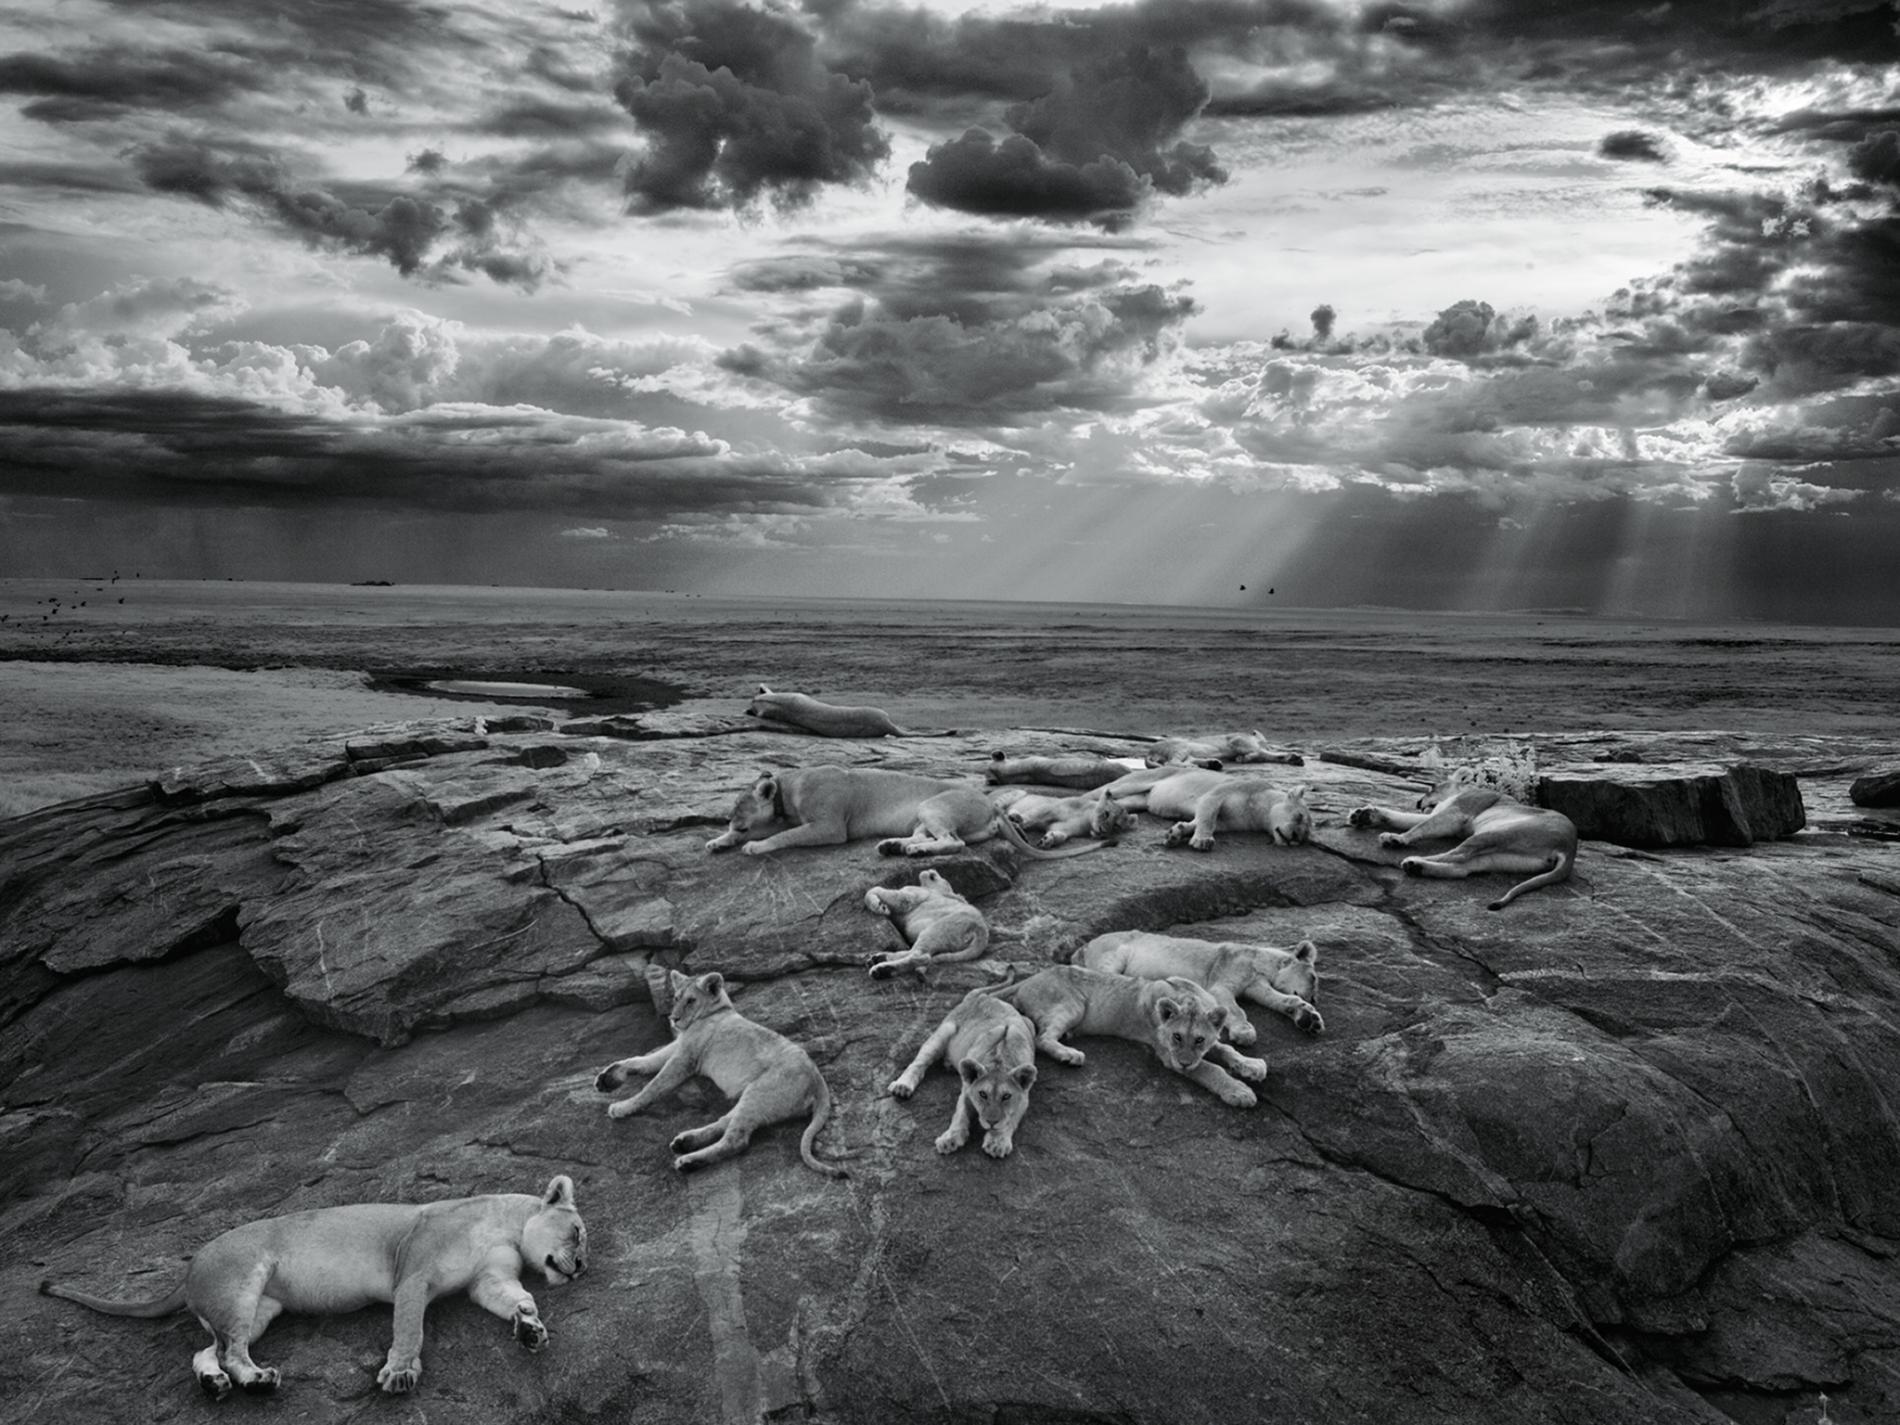 Sư tử diệt sư tử: Cuộc ám sát 3 cắn 1 và sự hồi sinh nghẹt thở của nhà vua - Ảnh 2.